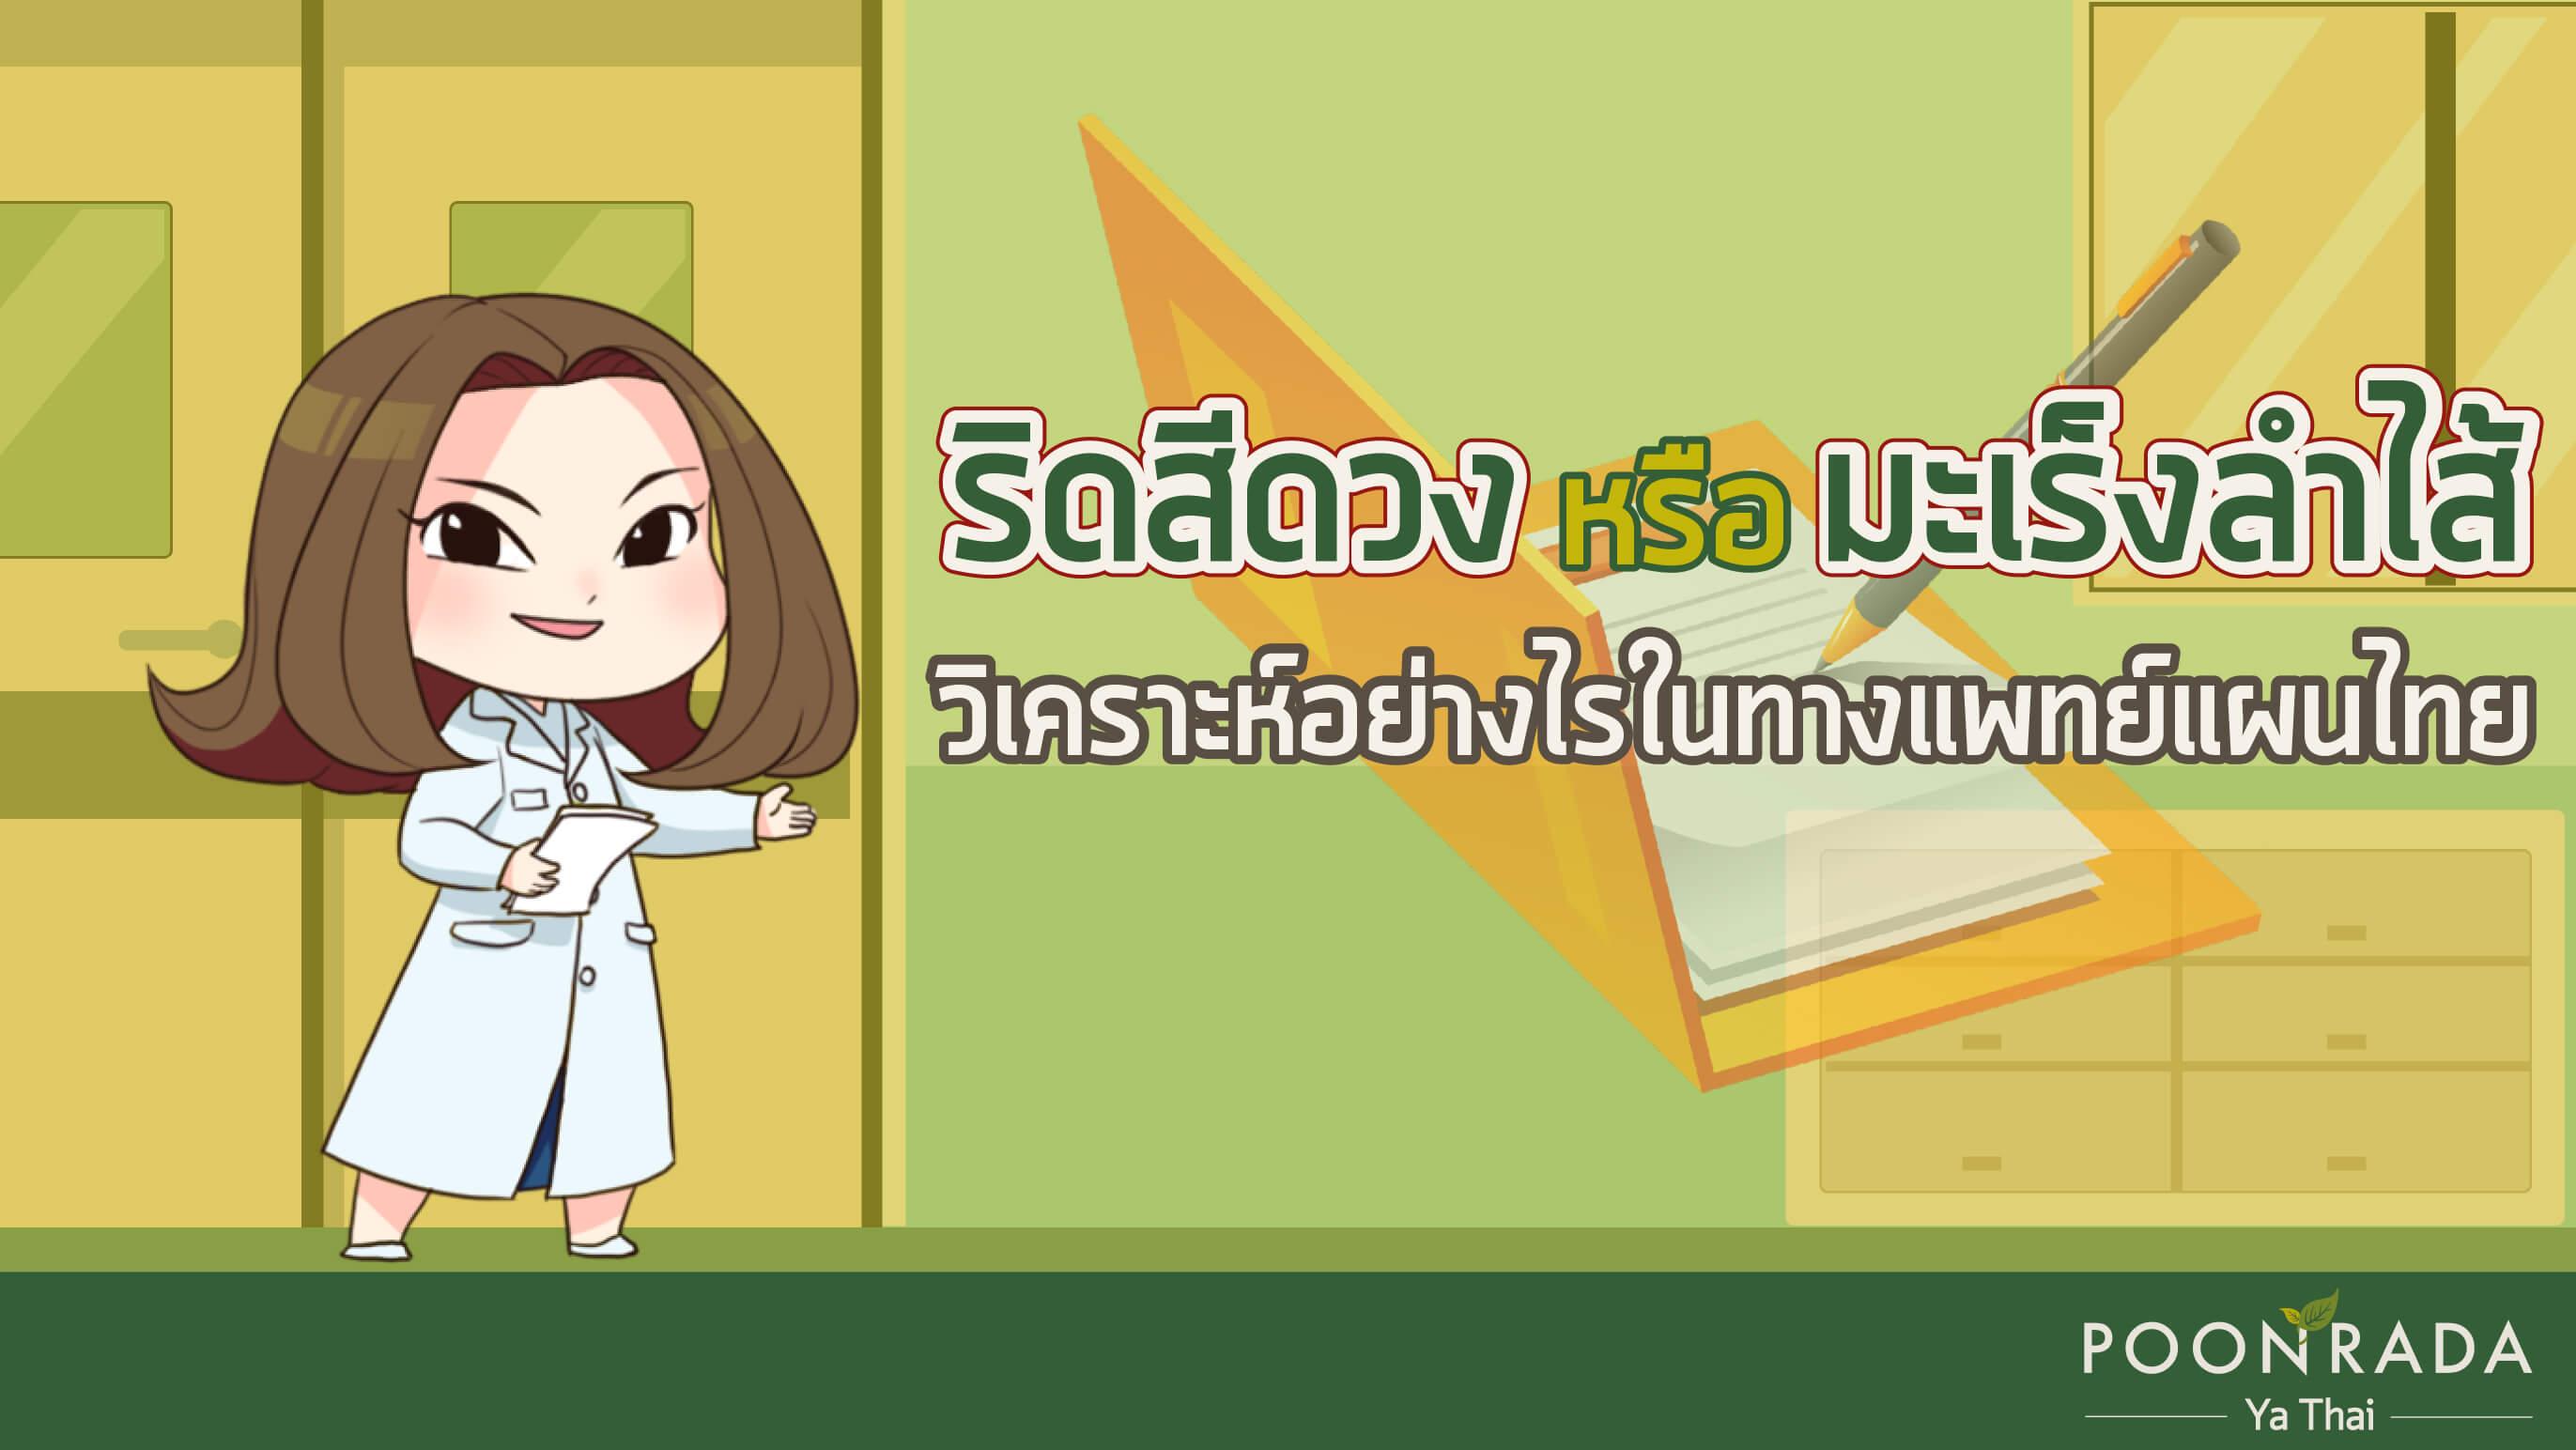 ริดสีดวงหรือมะเร็งลำไส้ วิเคราะห์อย่างไรในทางแพทย์แผนไทย